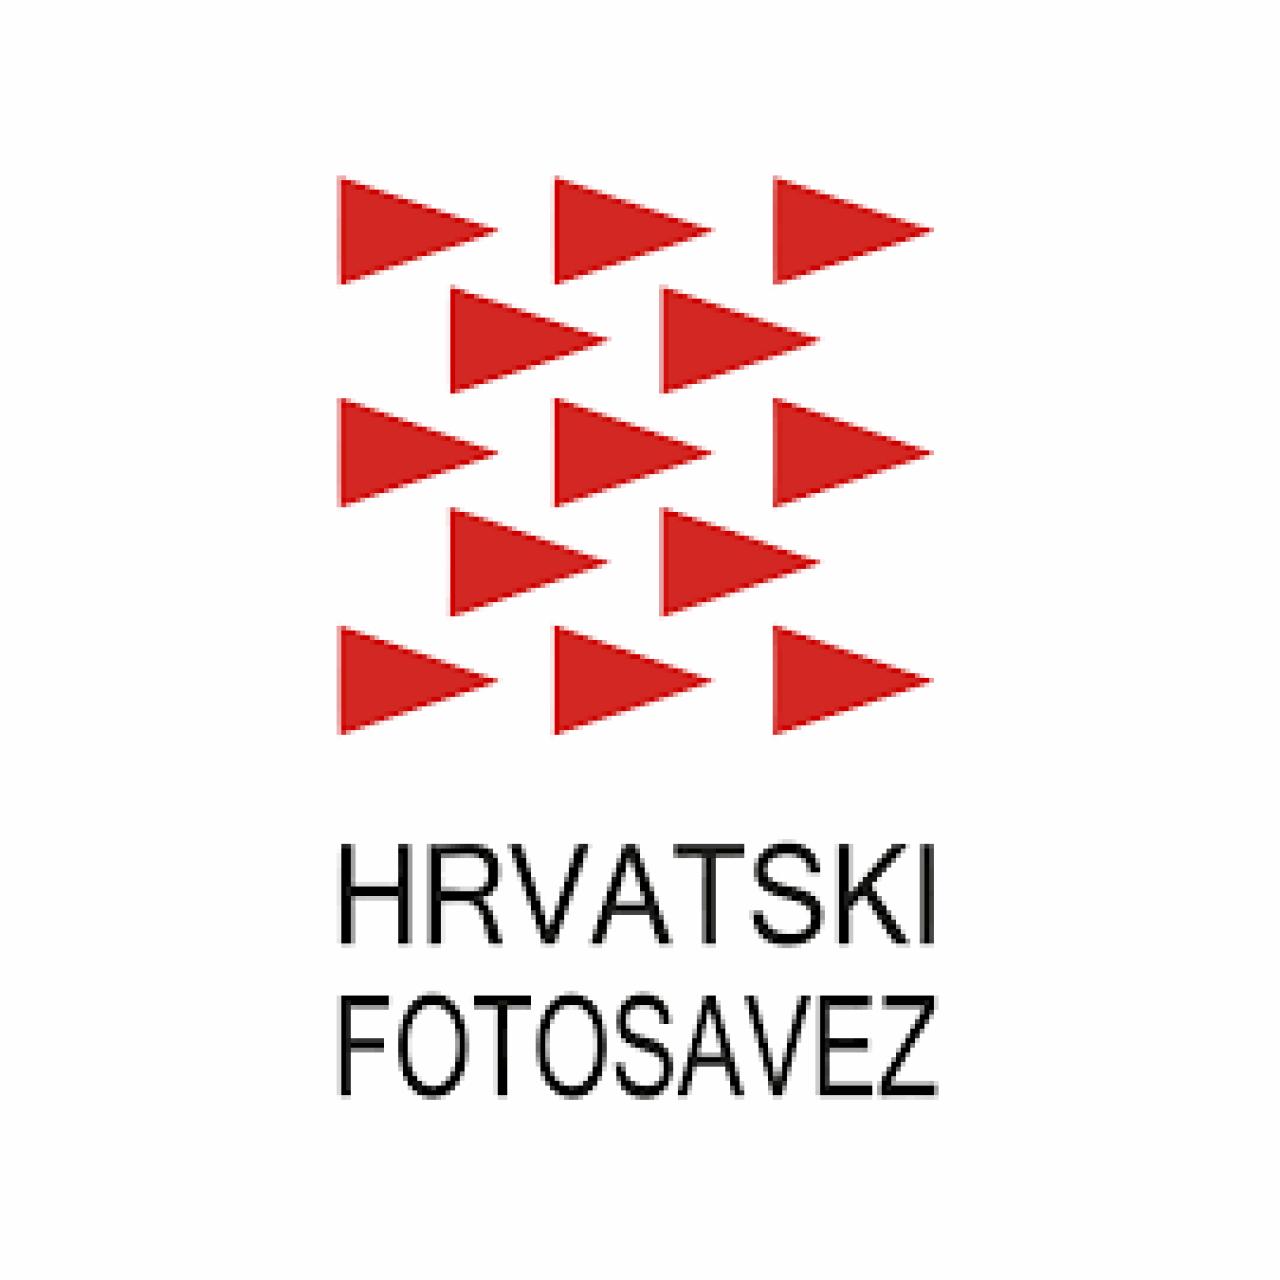 Hrvatski fotosavez